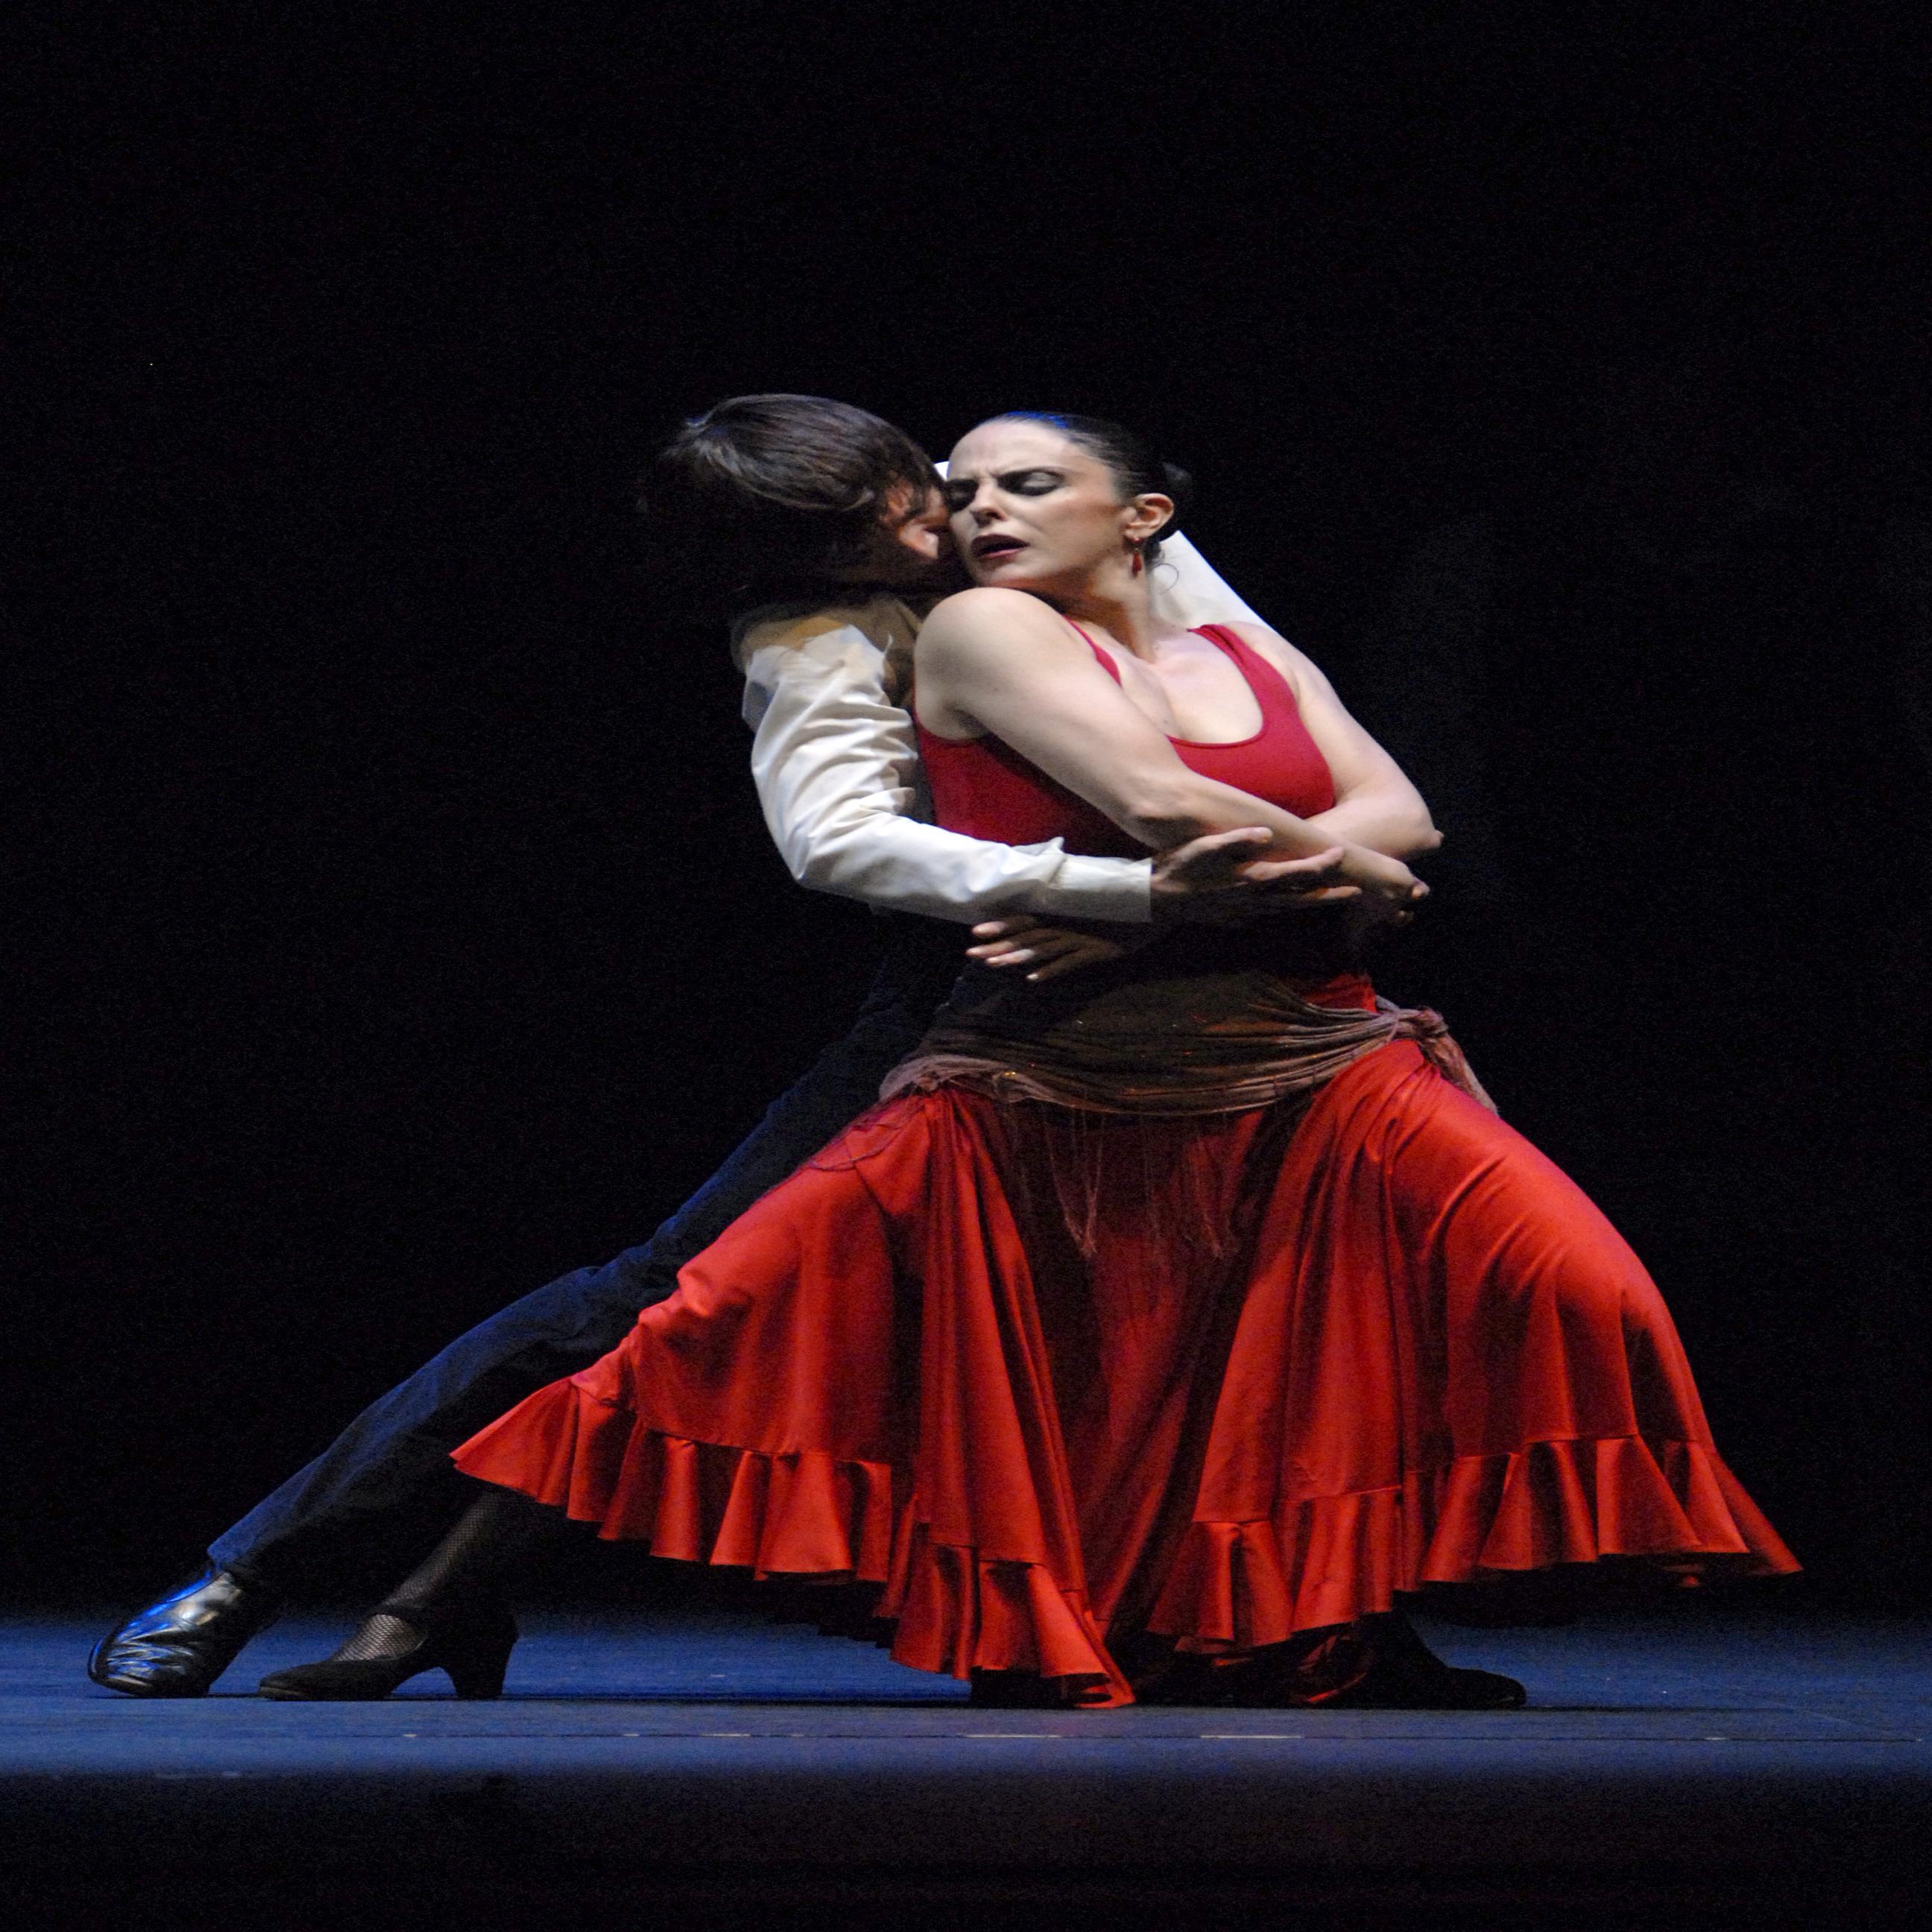 فرقة الرقص الأسبانية أنطونيو جاديس